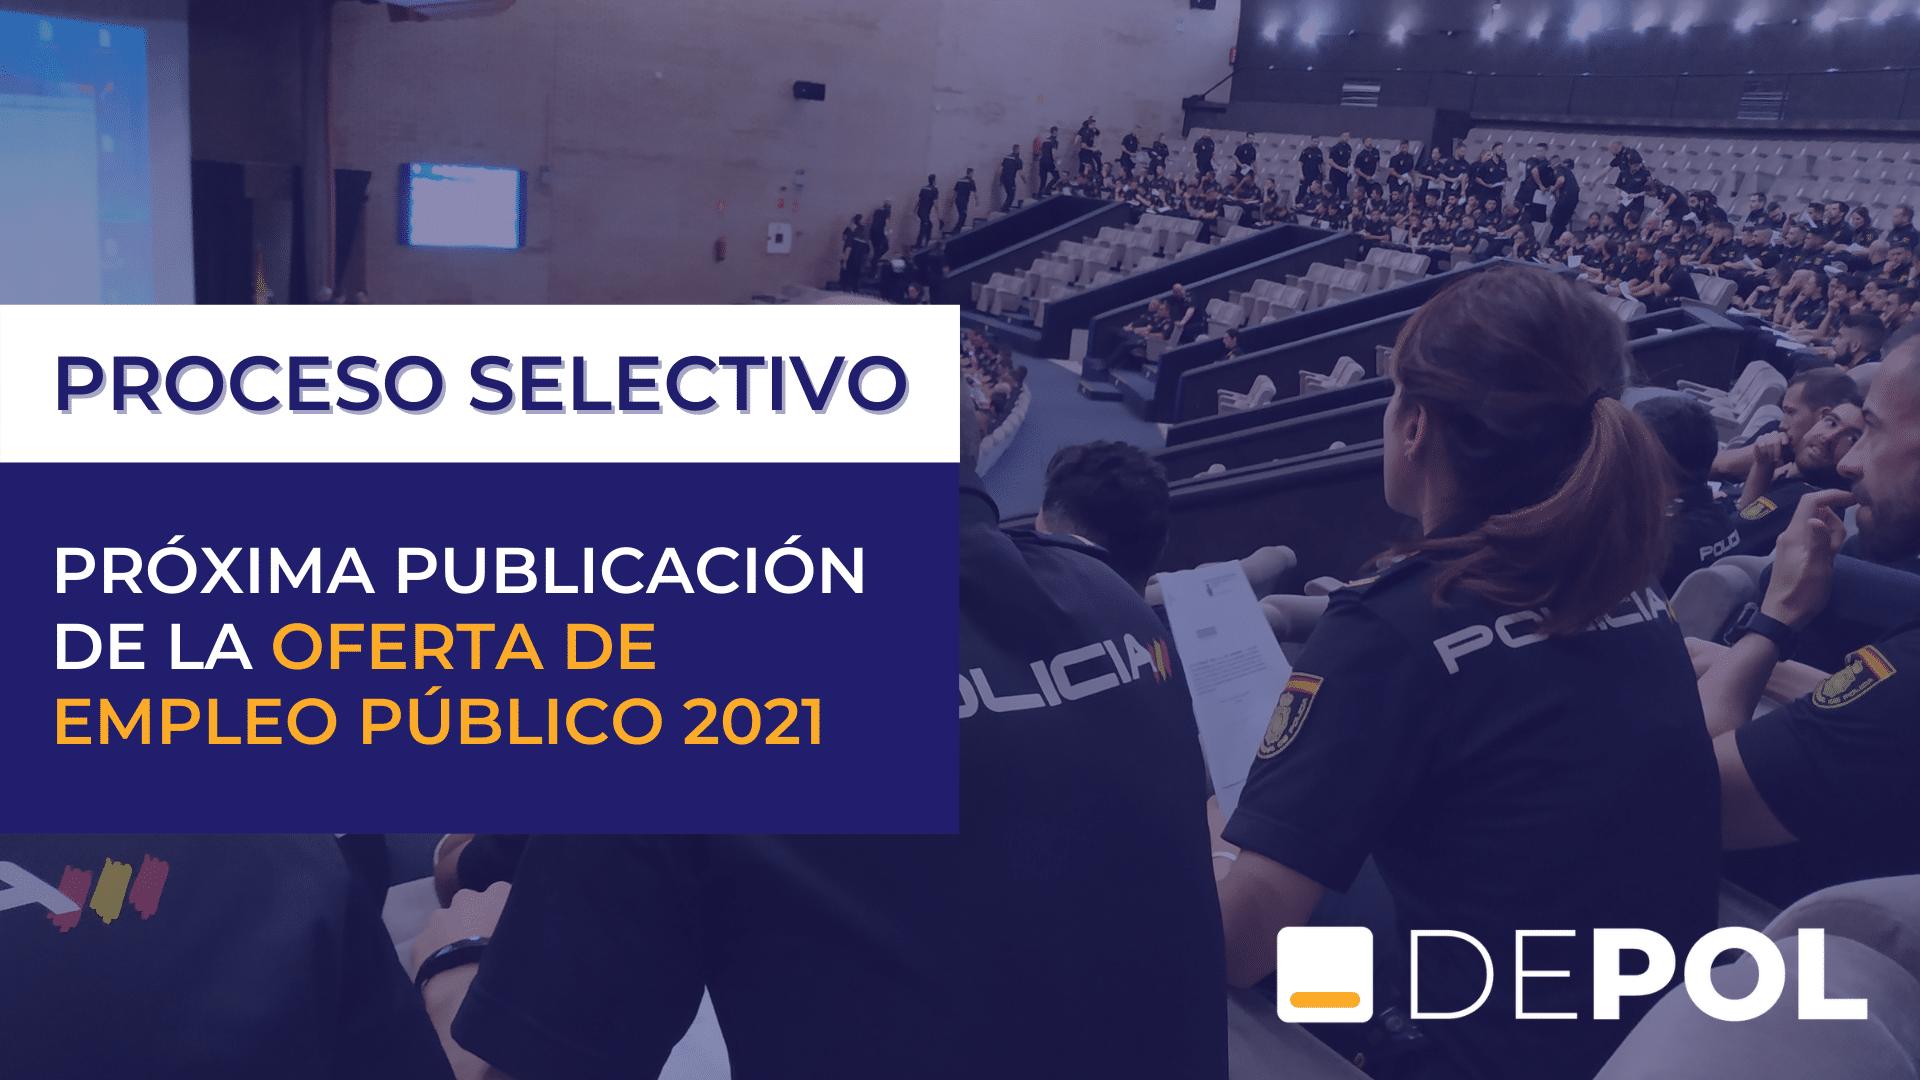 INMINENTE PUBLICACIÓN DE LA OFERTA DE EMPLEO PÚBLICA 2021